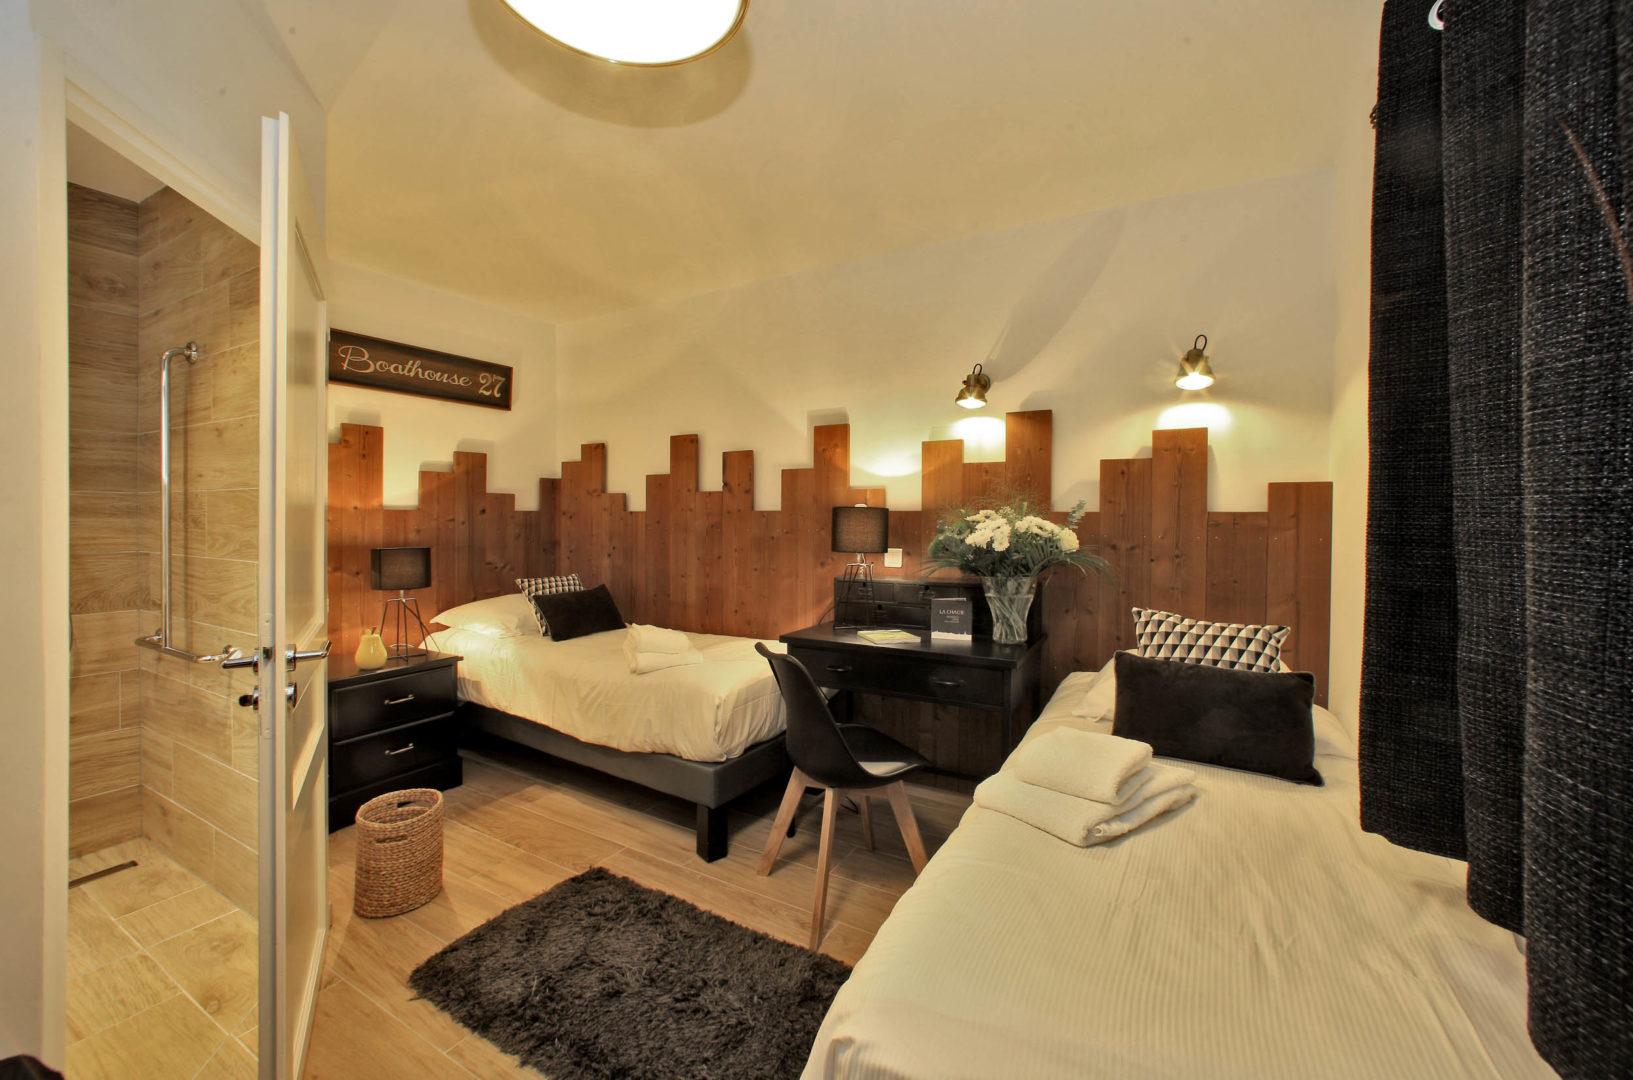 chambre d'hotel Noirmoutier